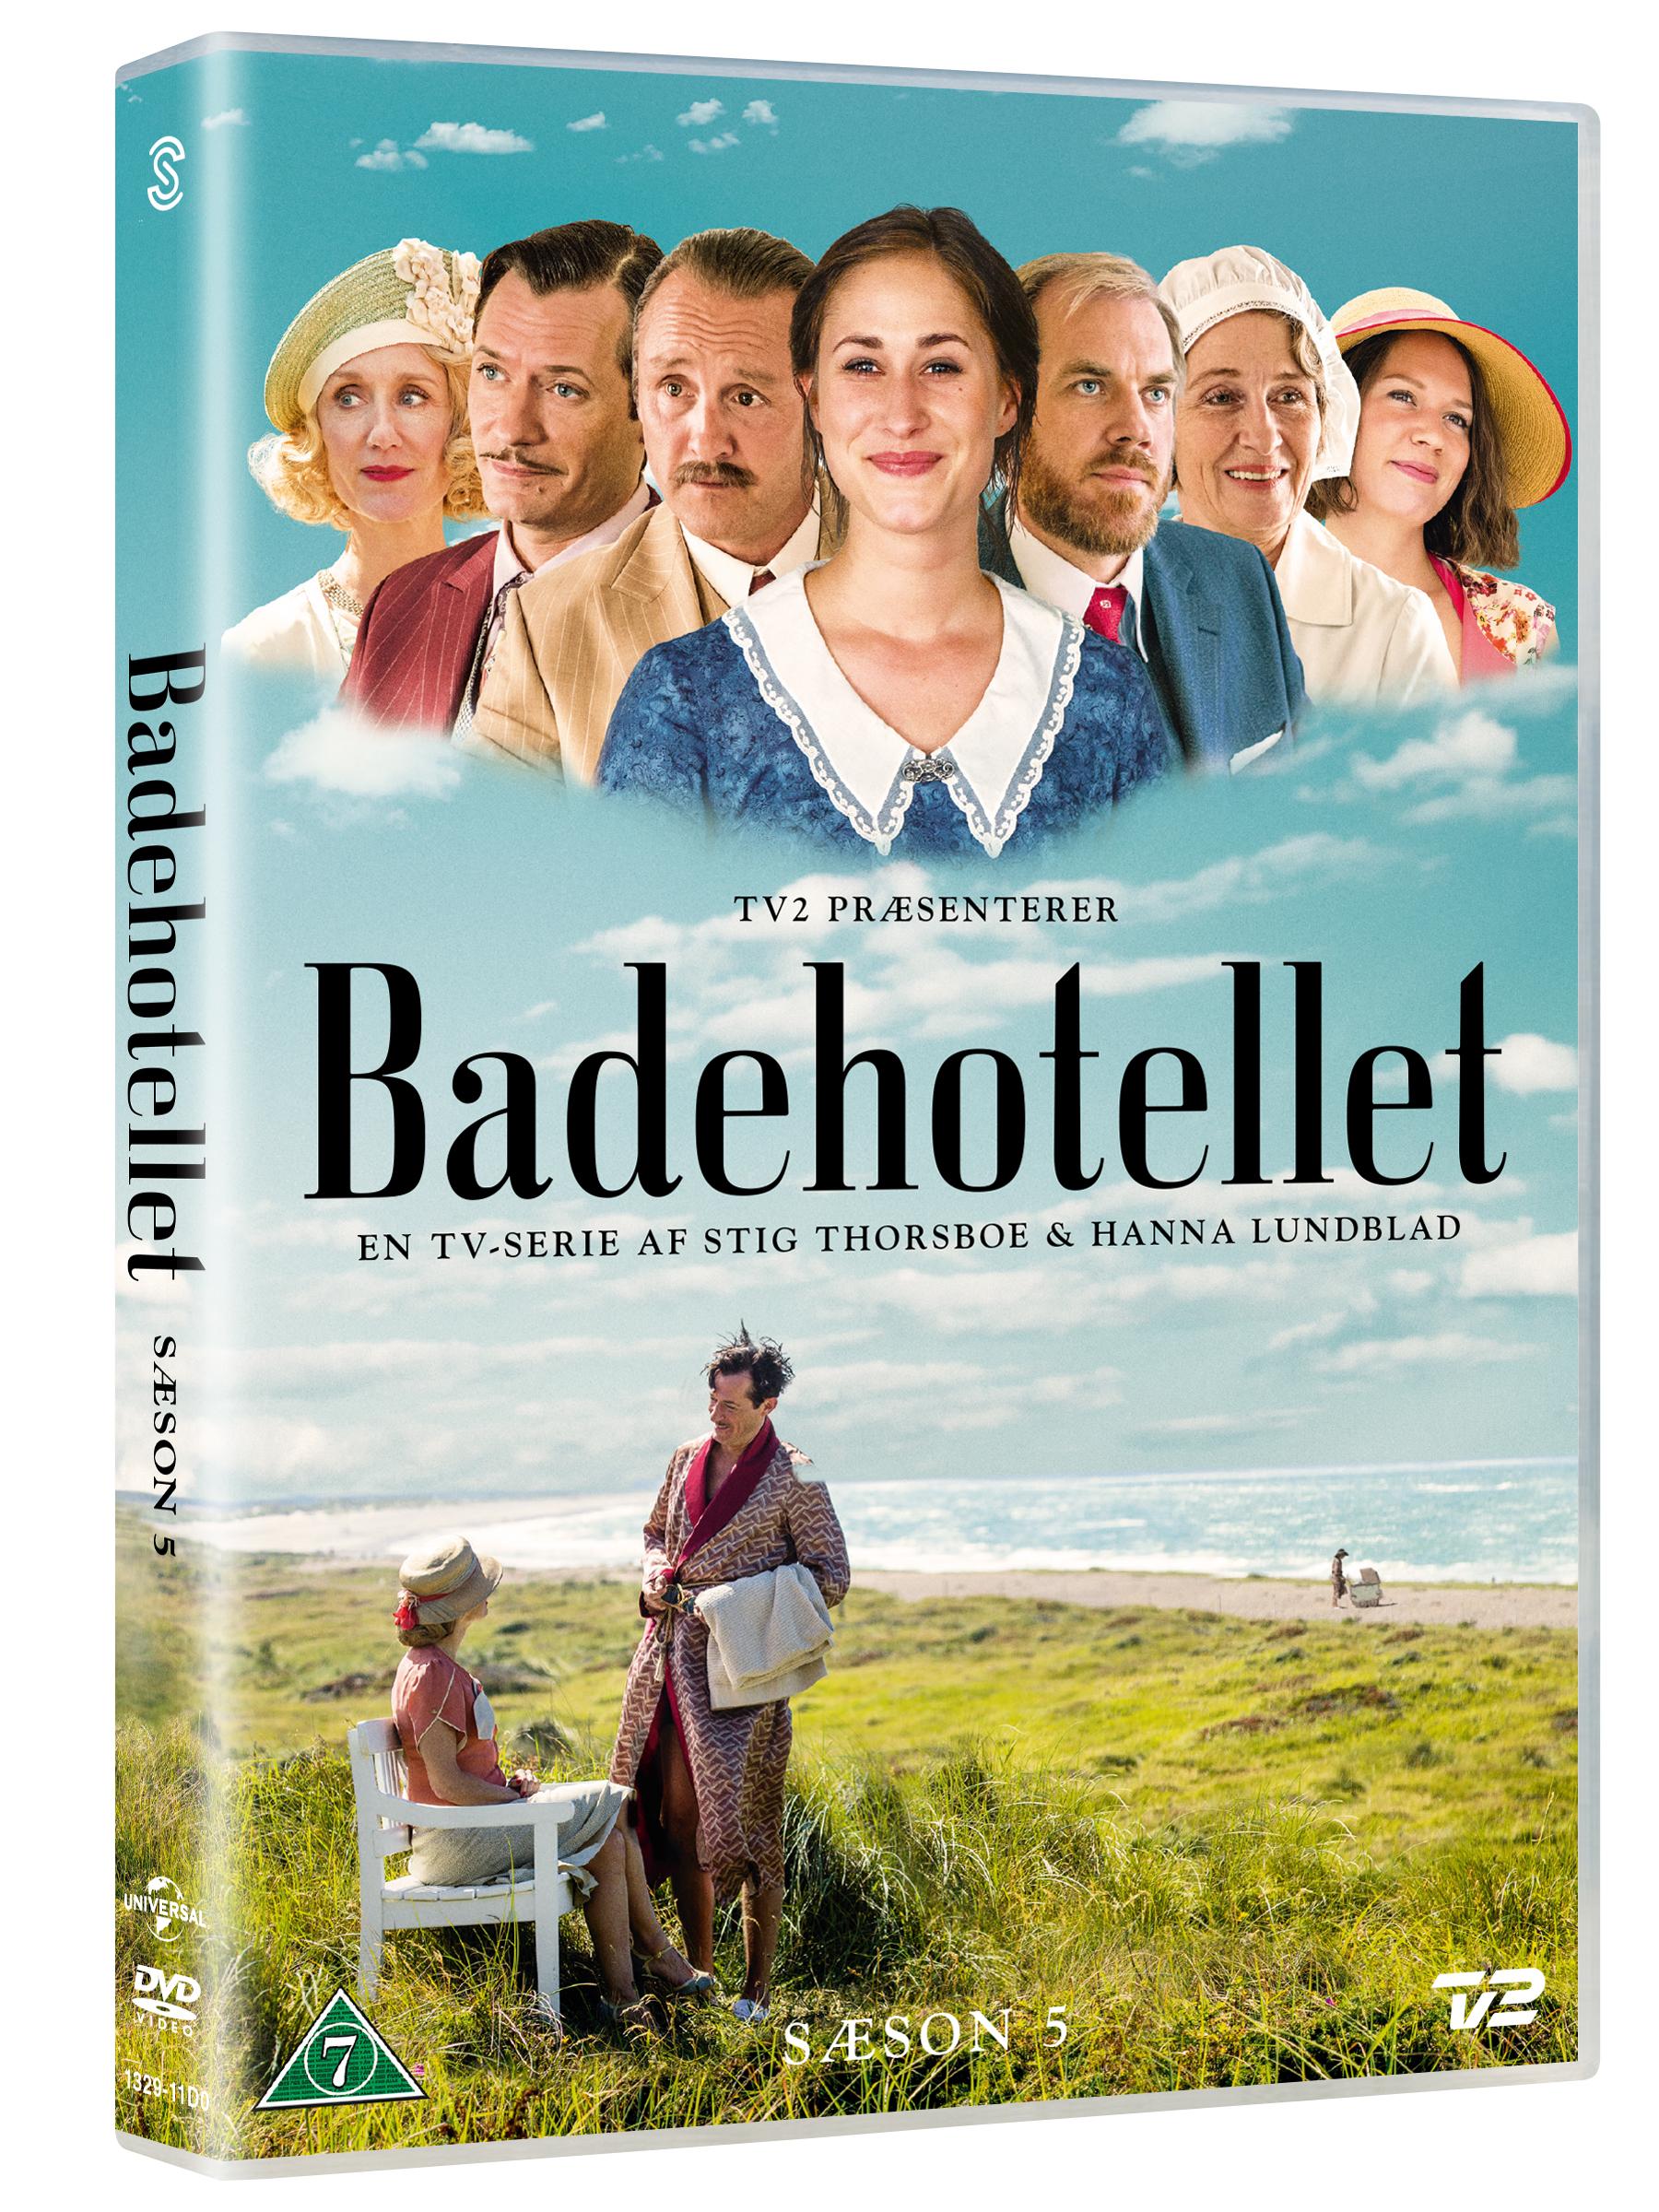 Badehotellet - Sæson 5 - Badehotellet - Film -  - 5706169001531 - 28/1-2021